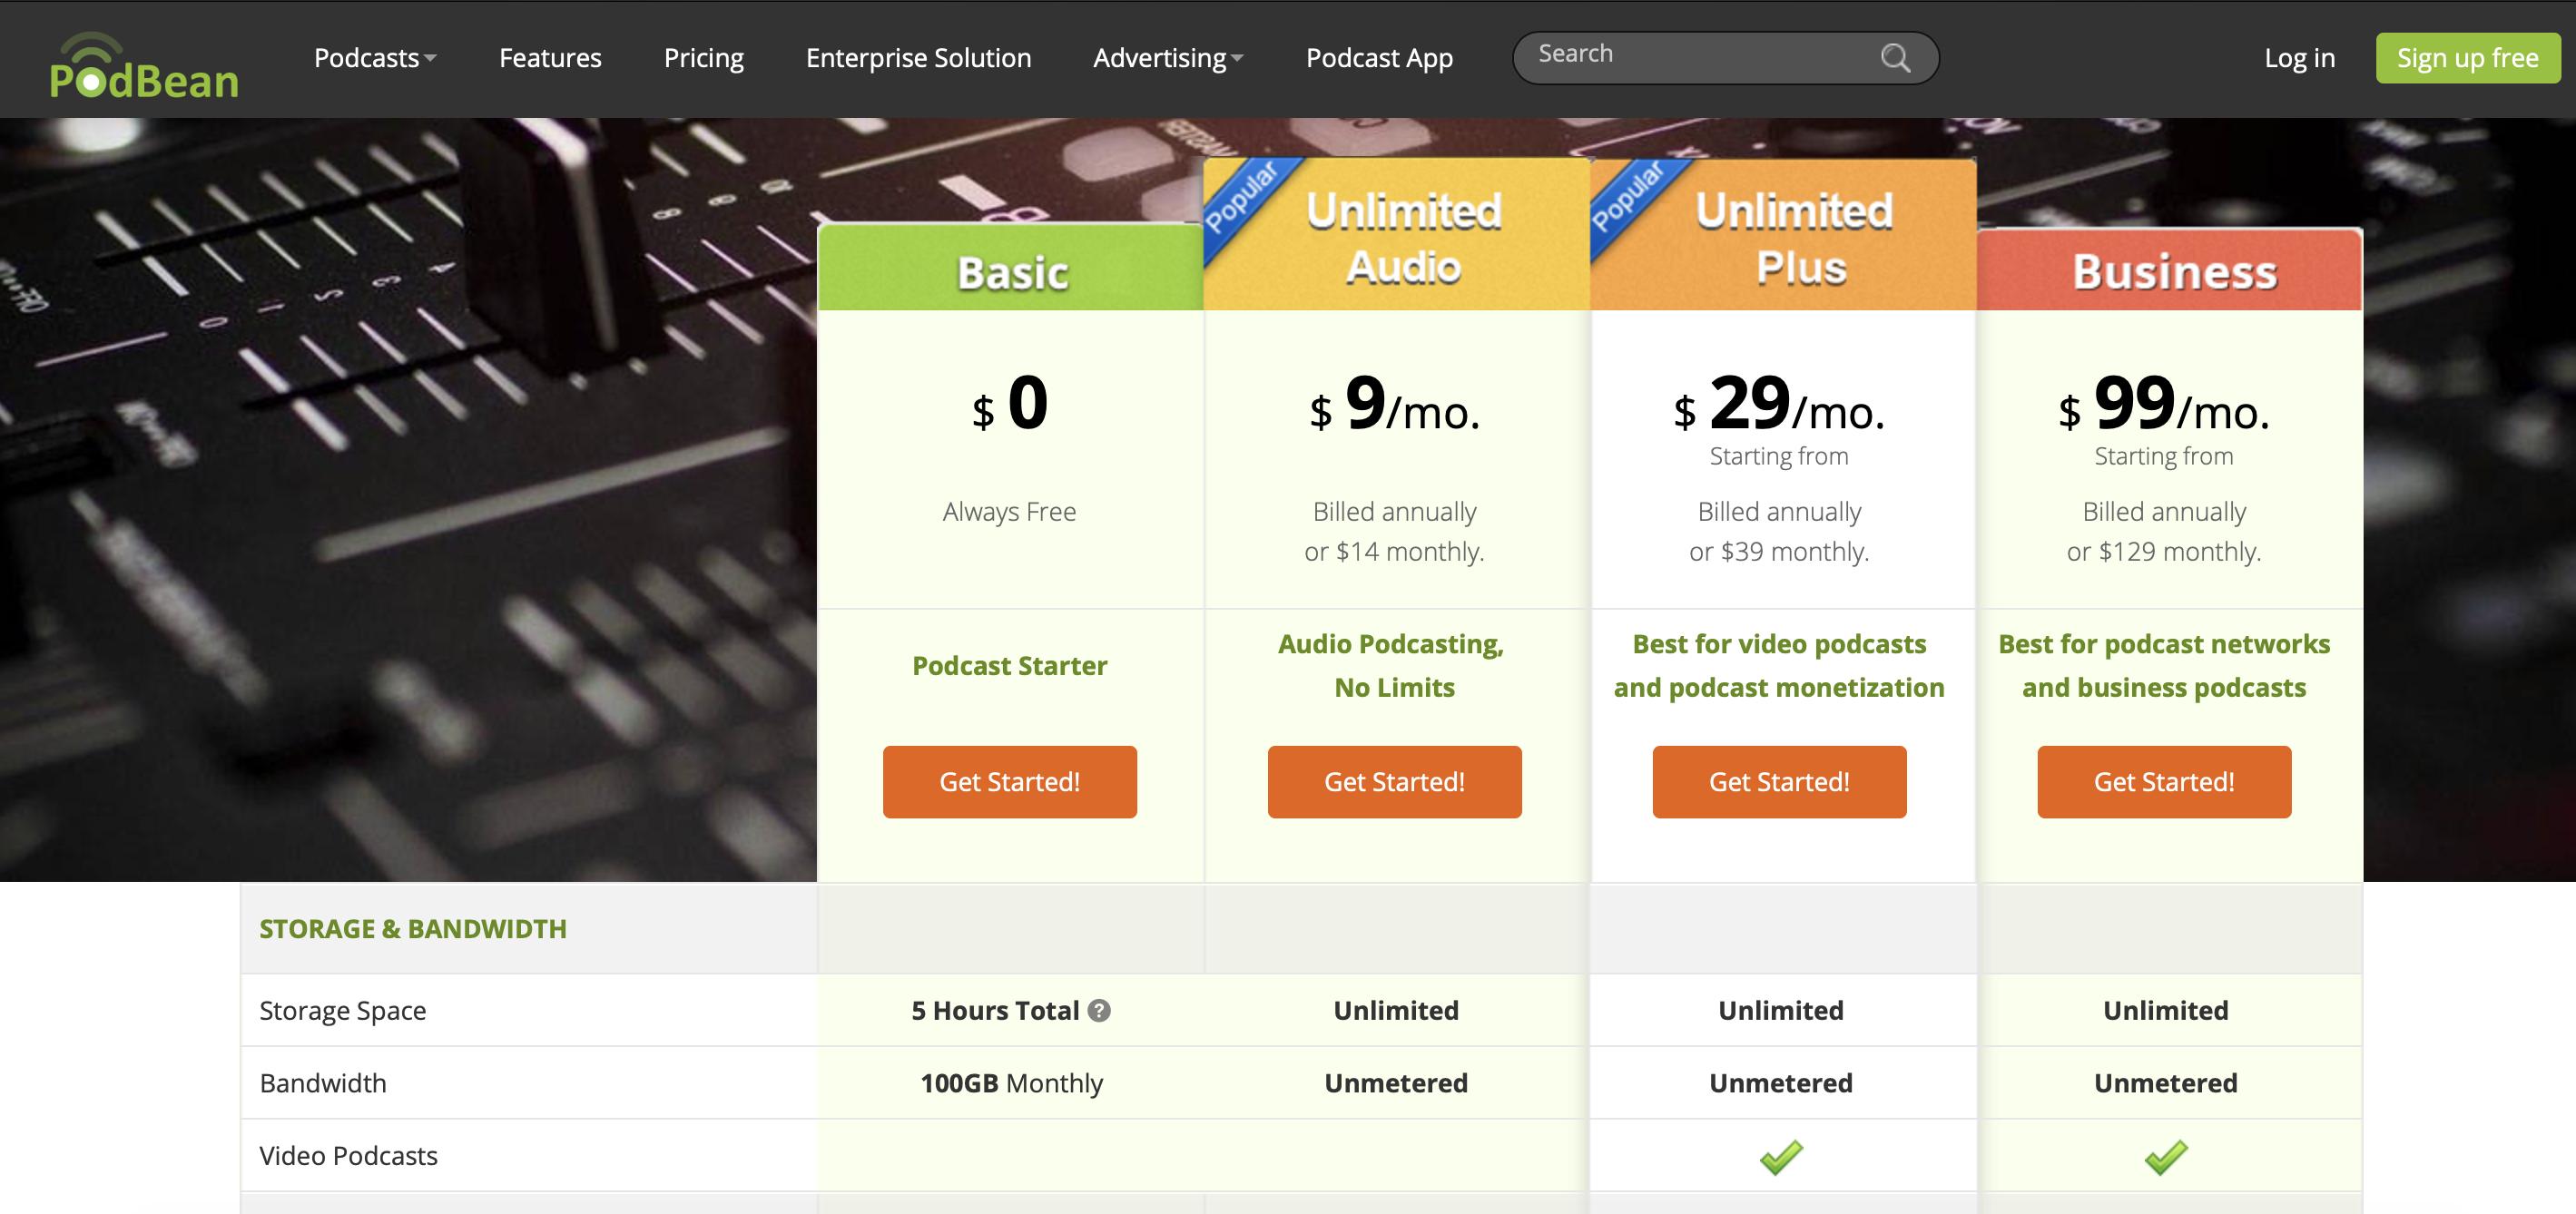 podbean pricing page